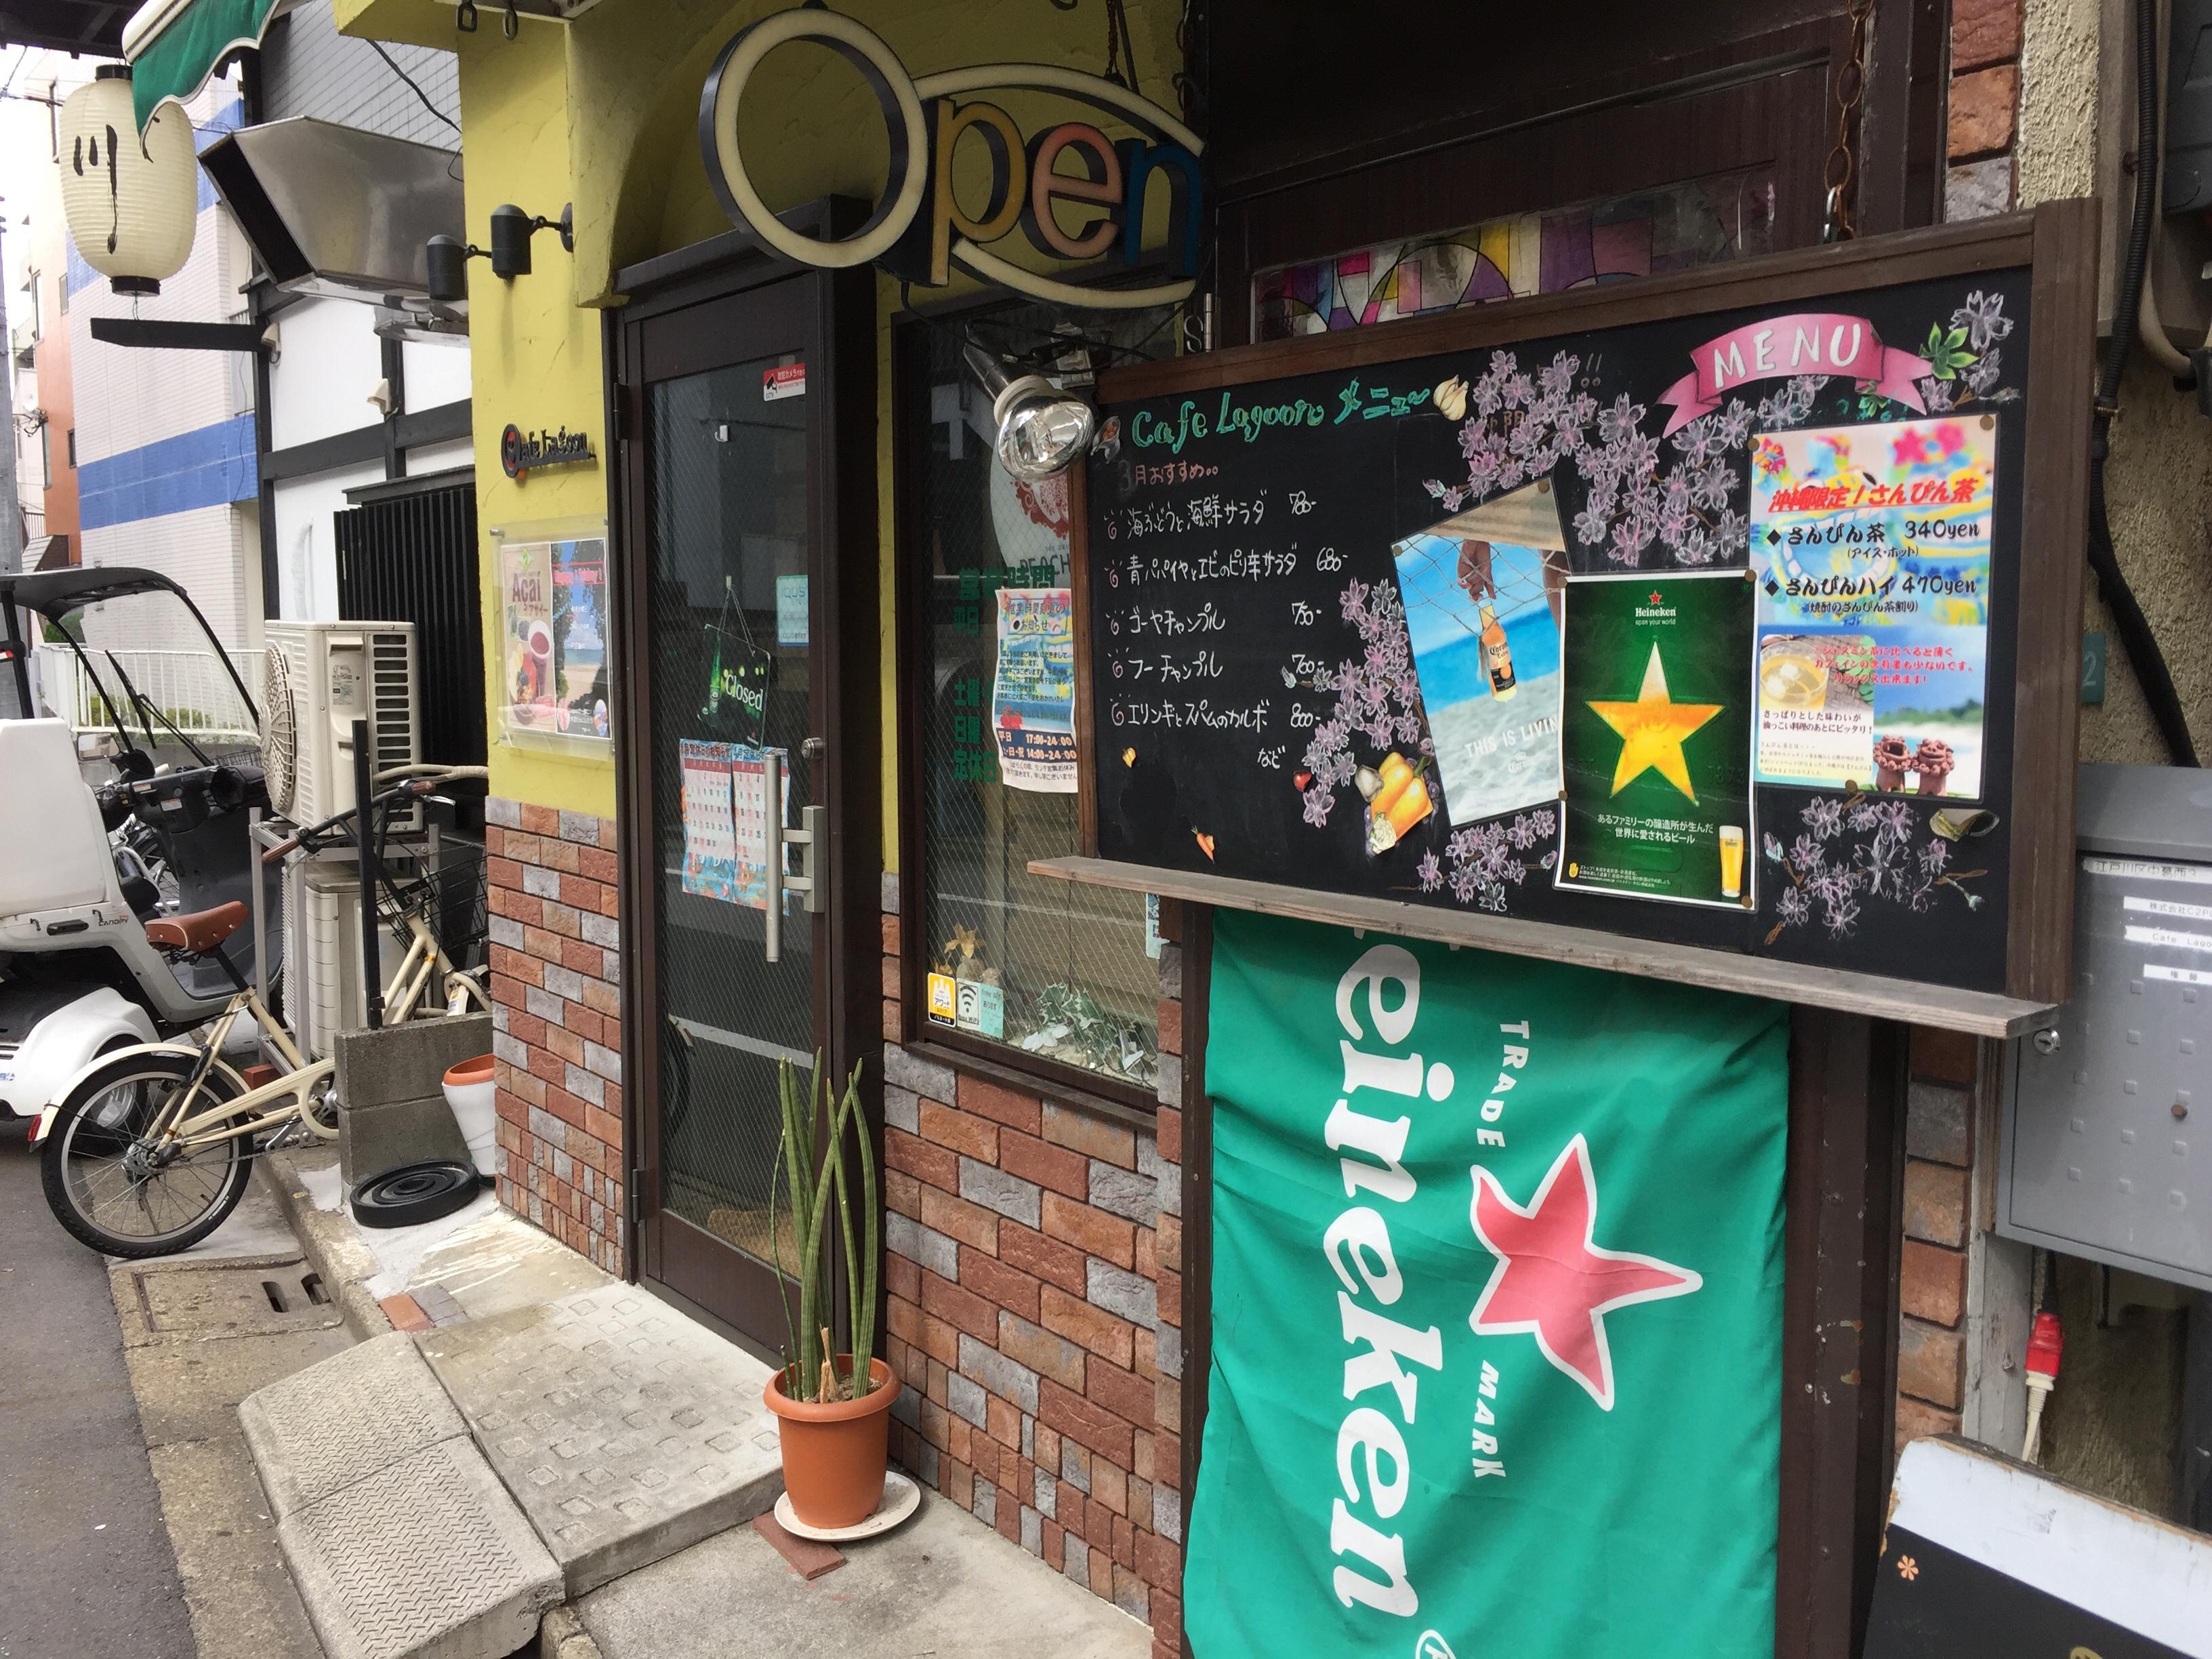 西葛西 電源カフェ cafe Lagoon (カフェ ラグーン)